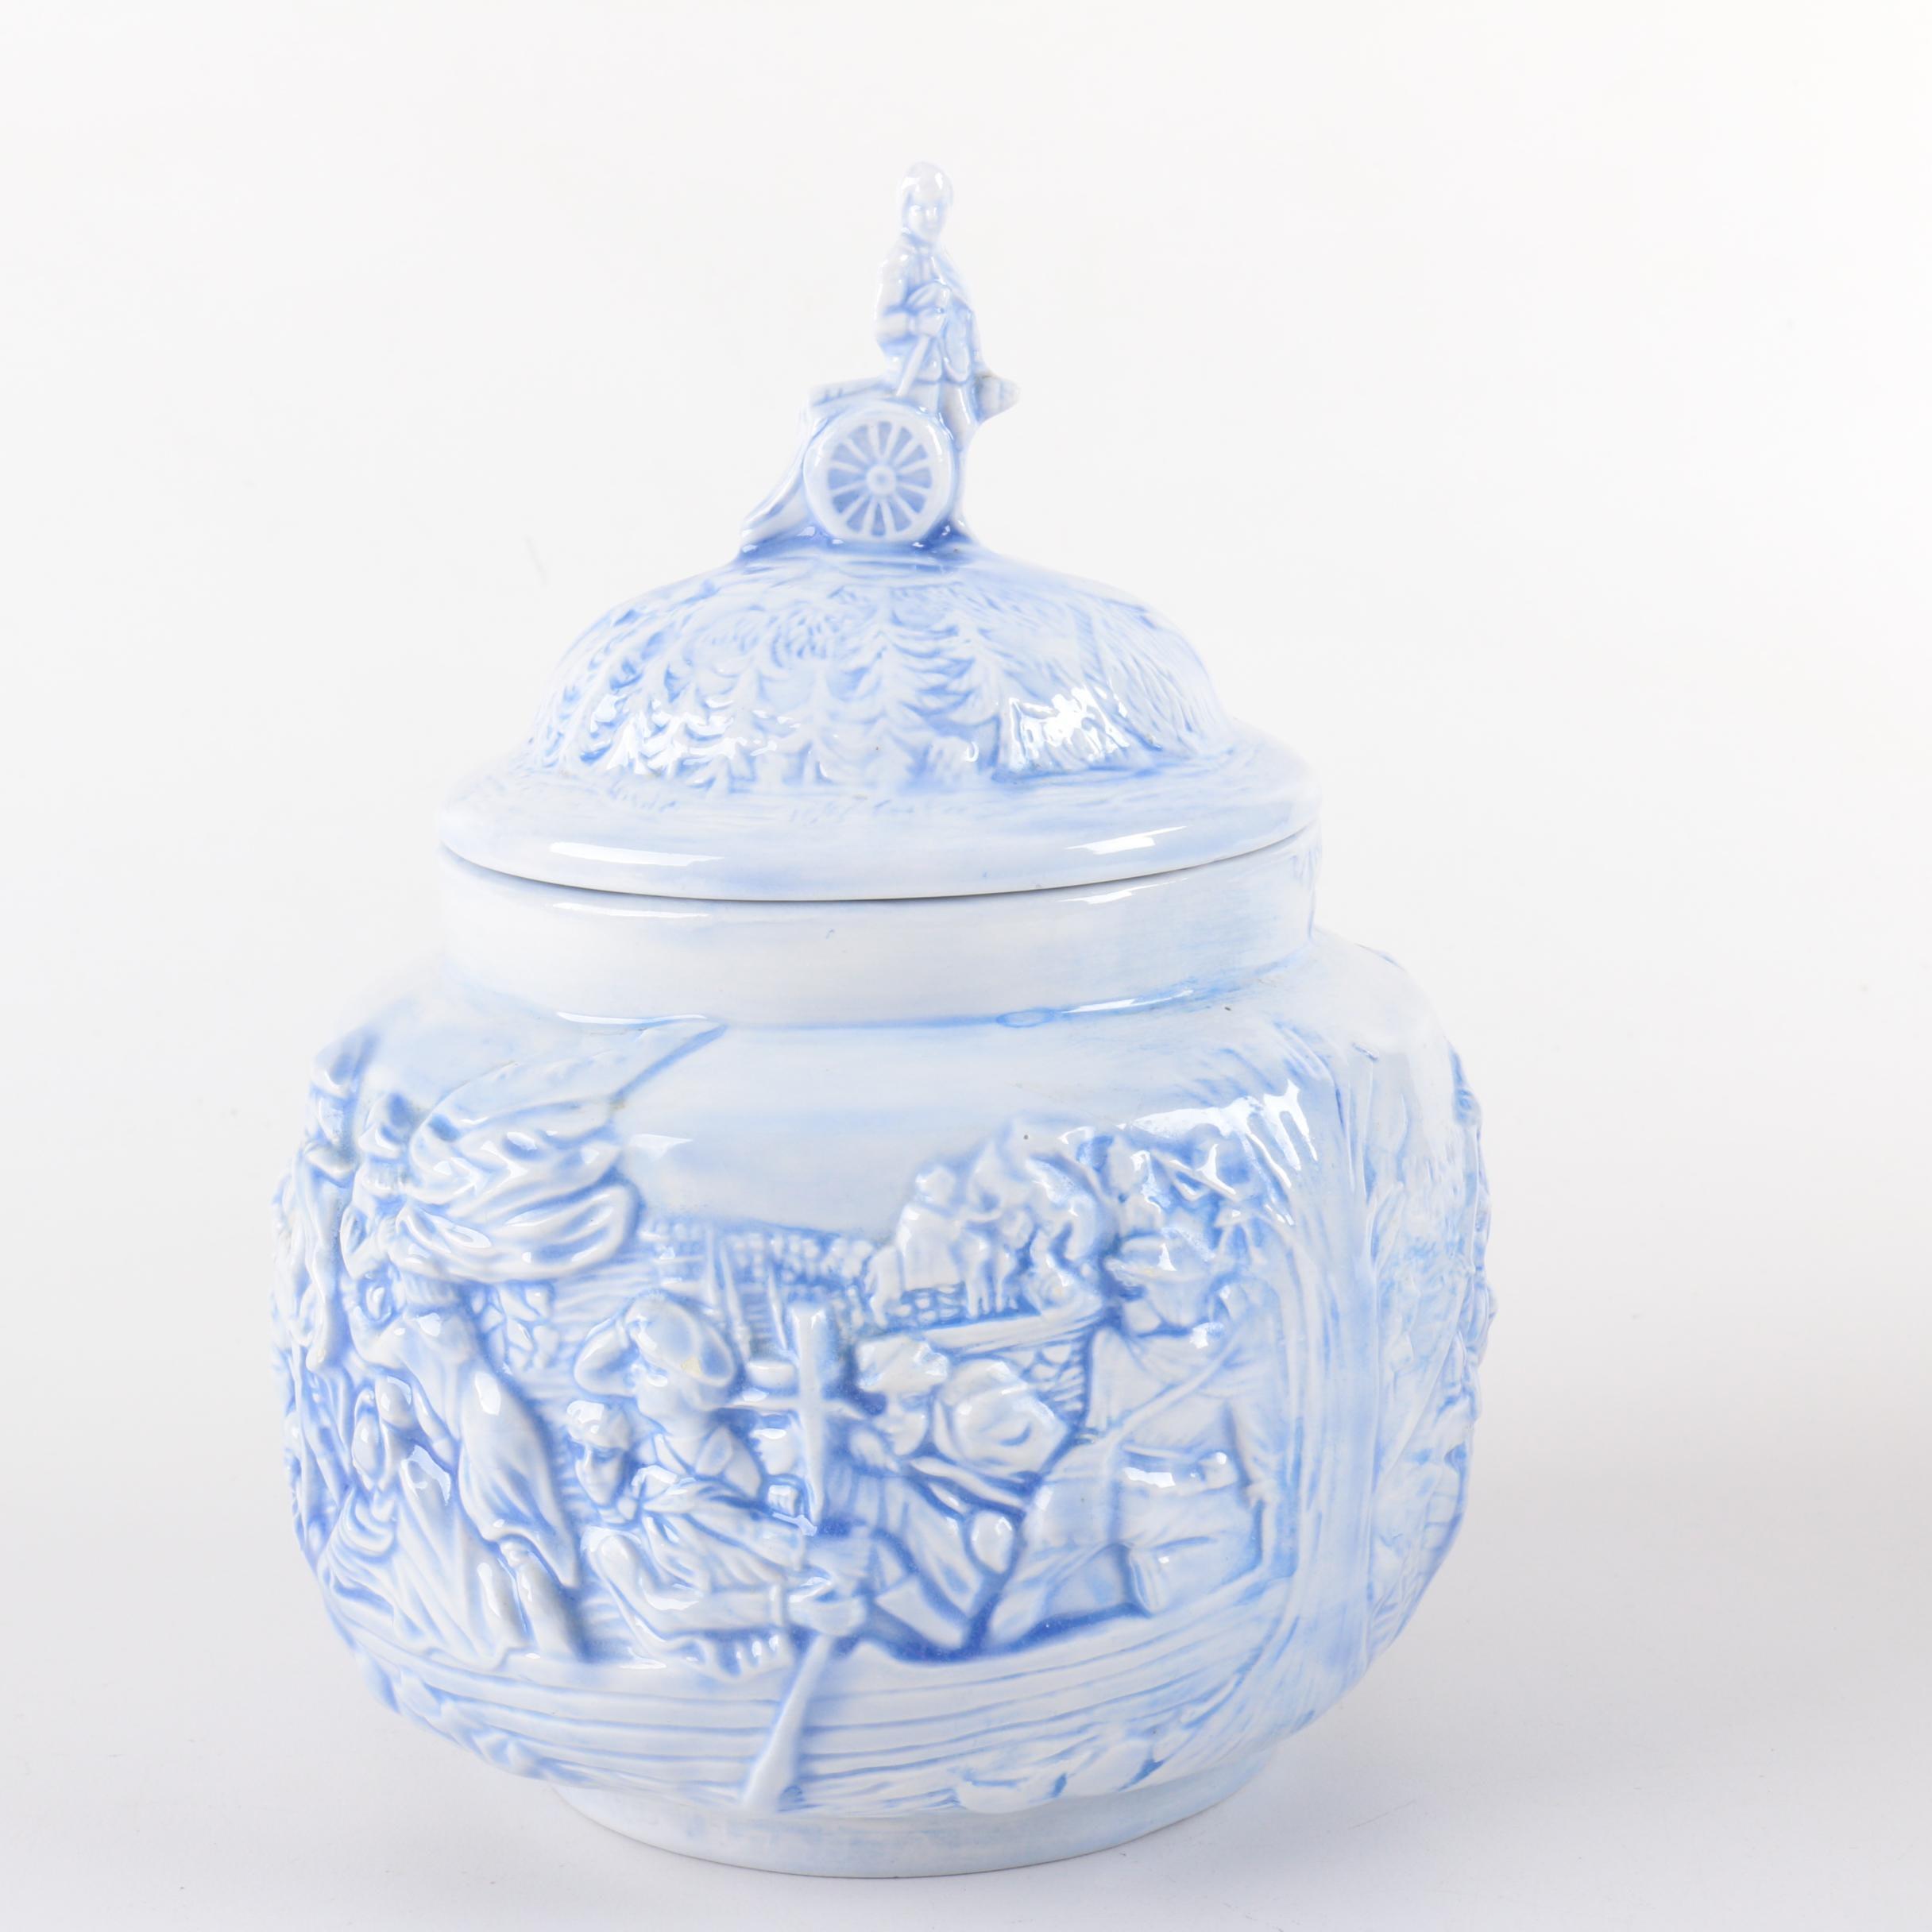 Cast Ceramic Lidded Container